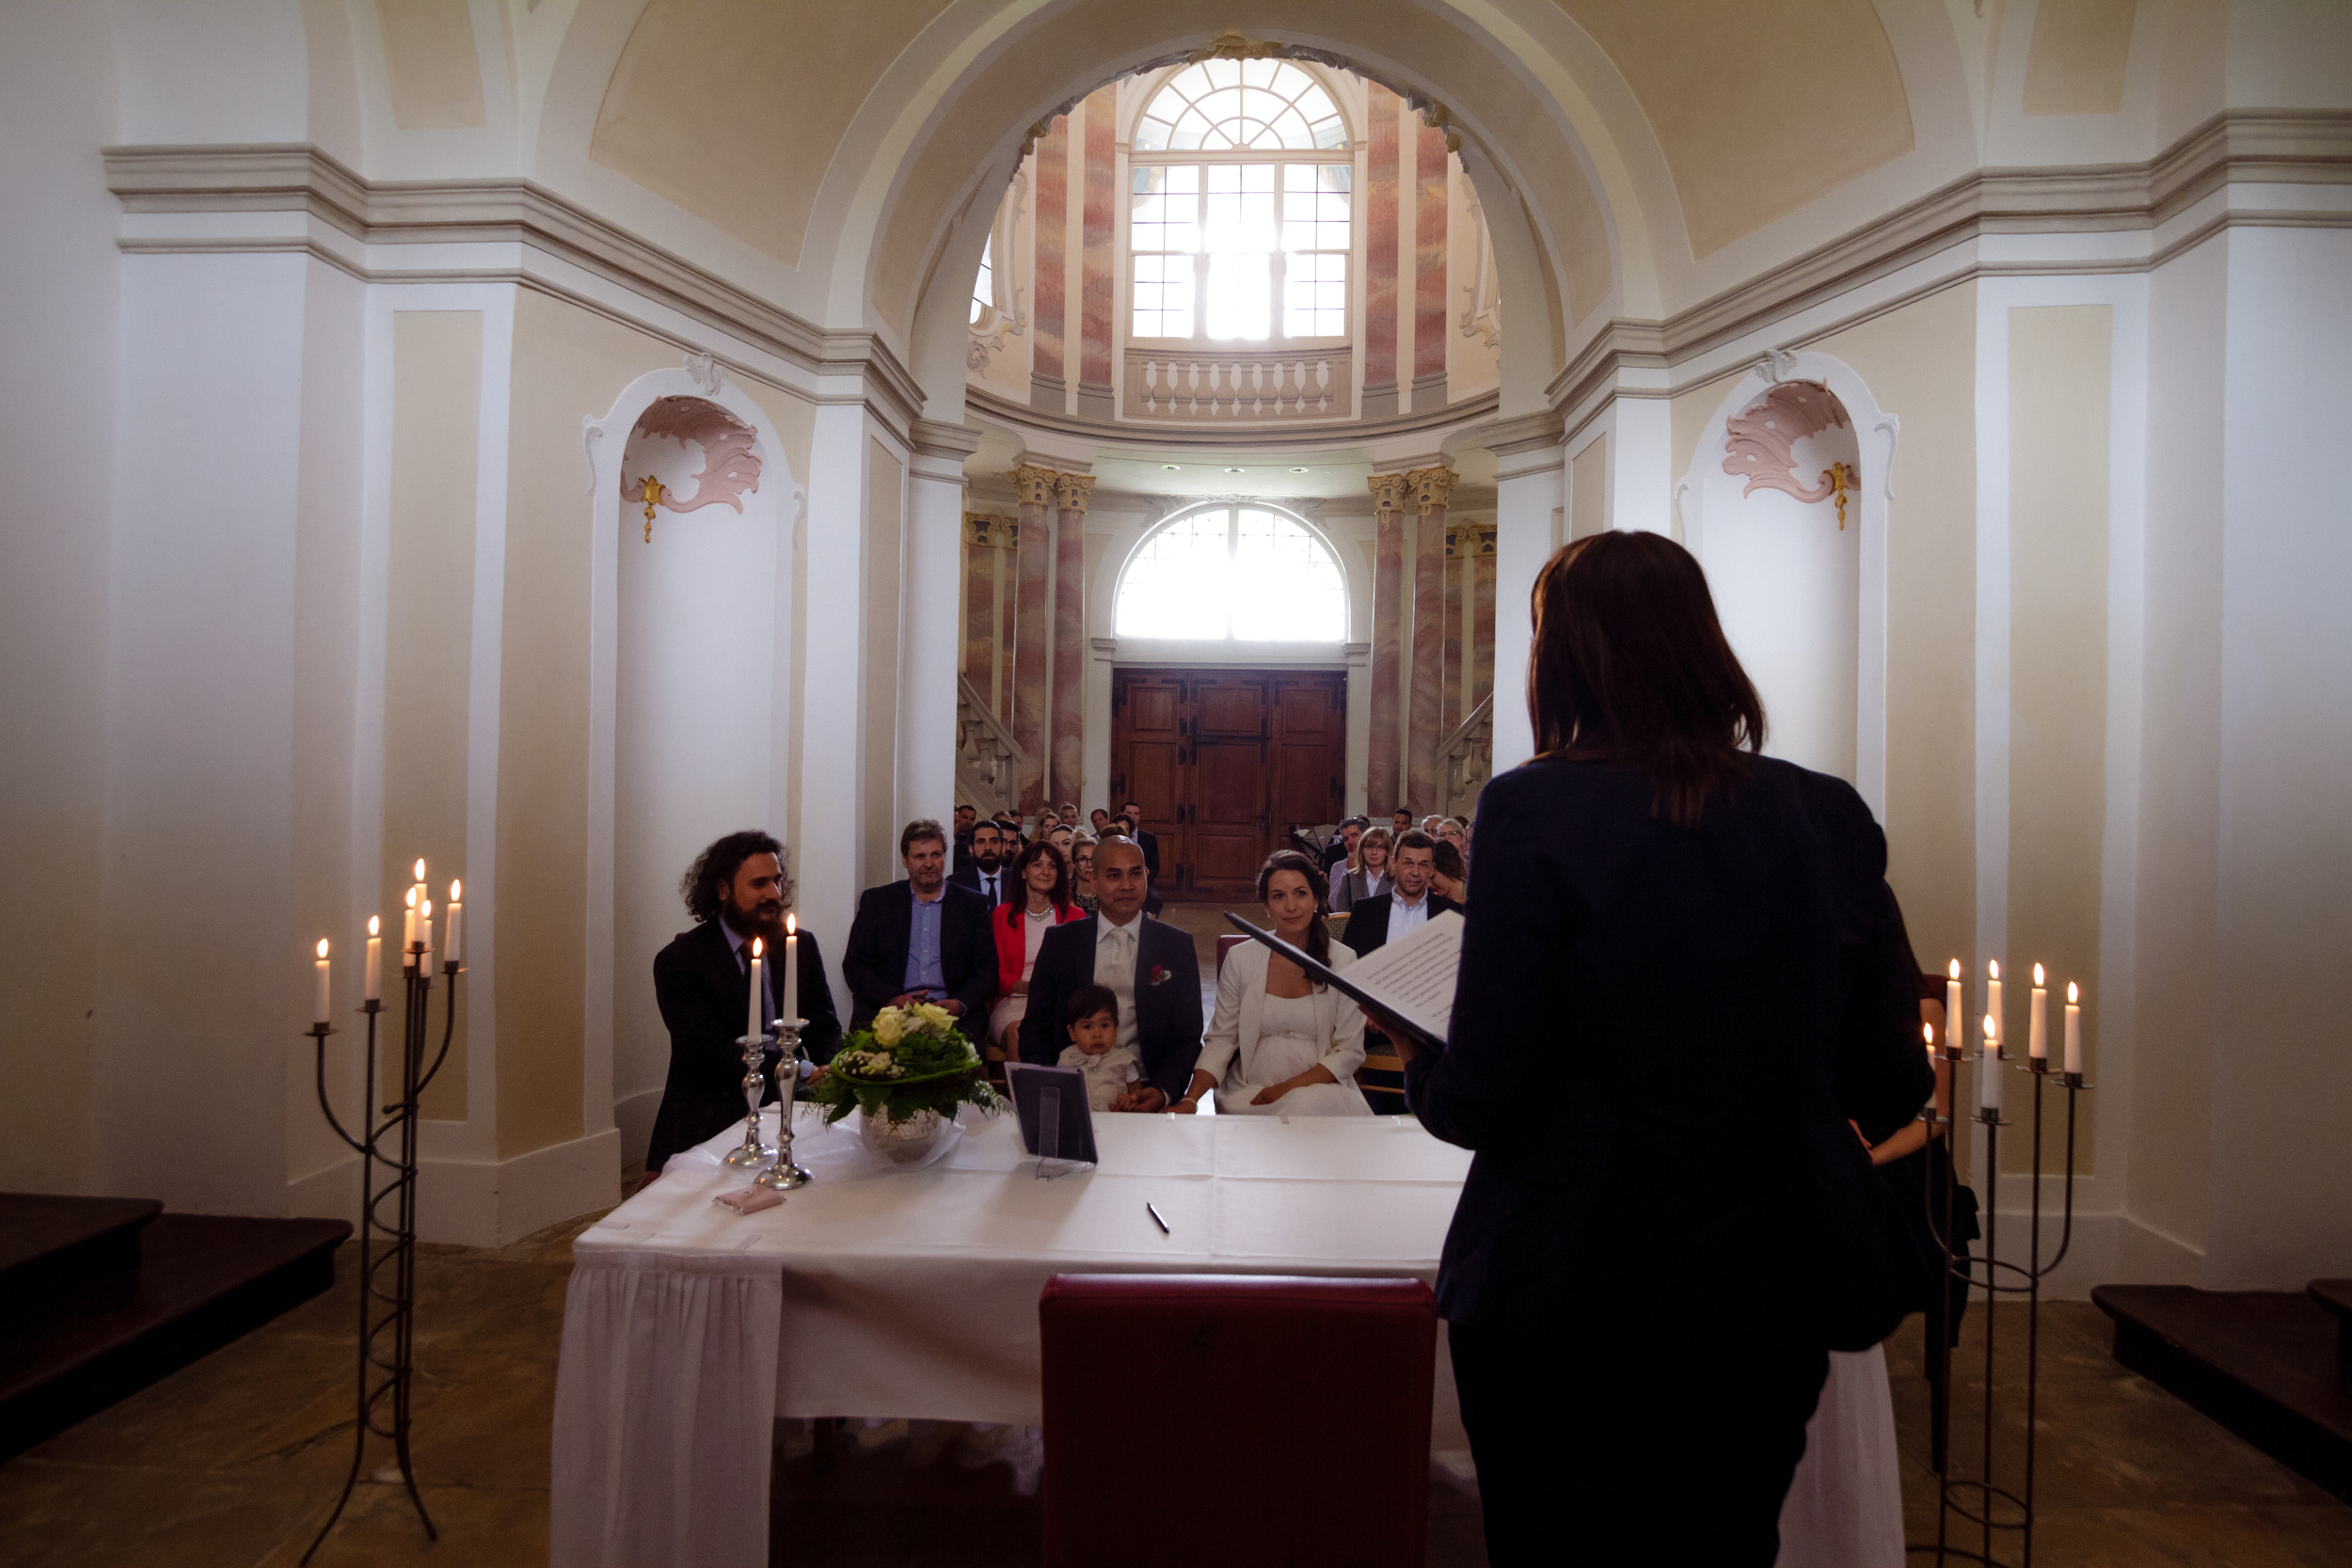 Hochzeit J&V Standesamt-50 mm-20160528-201126.jpg